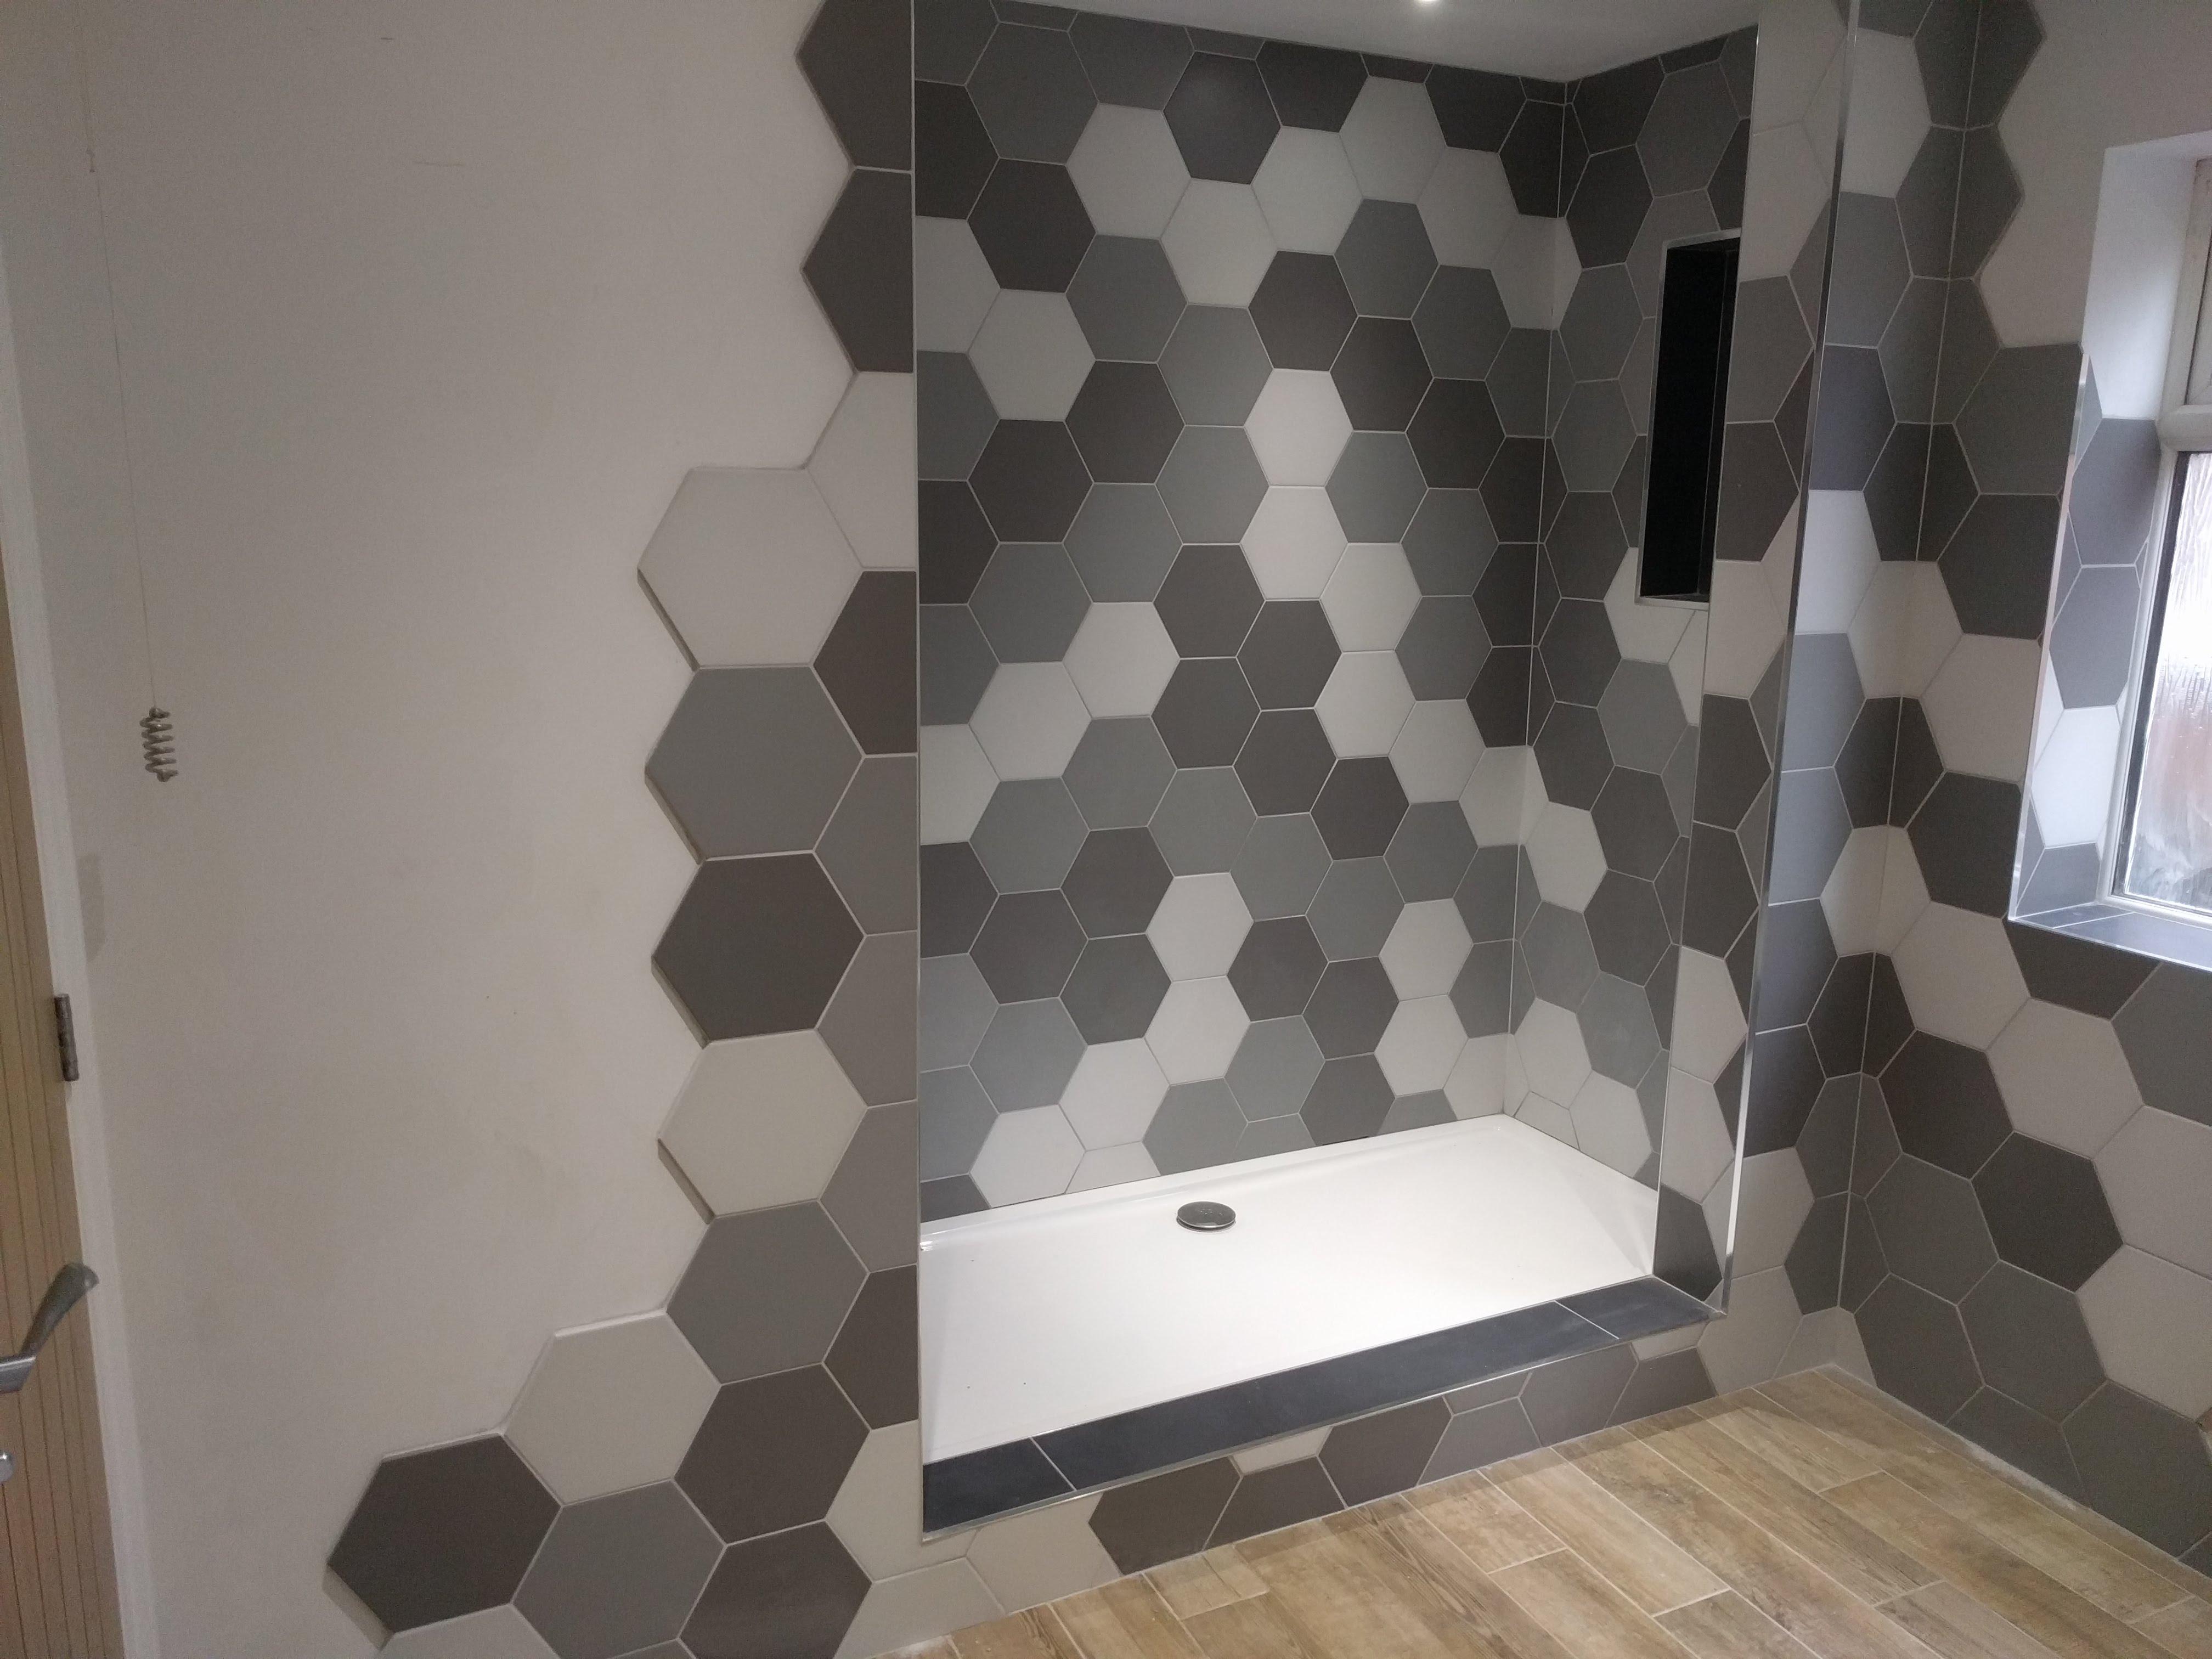 Finished Bathroom Hexagonal Tiles